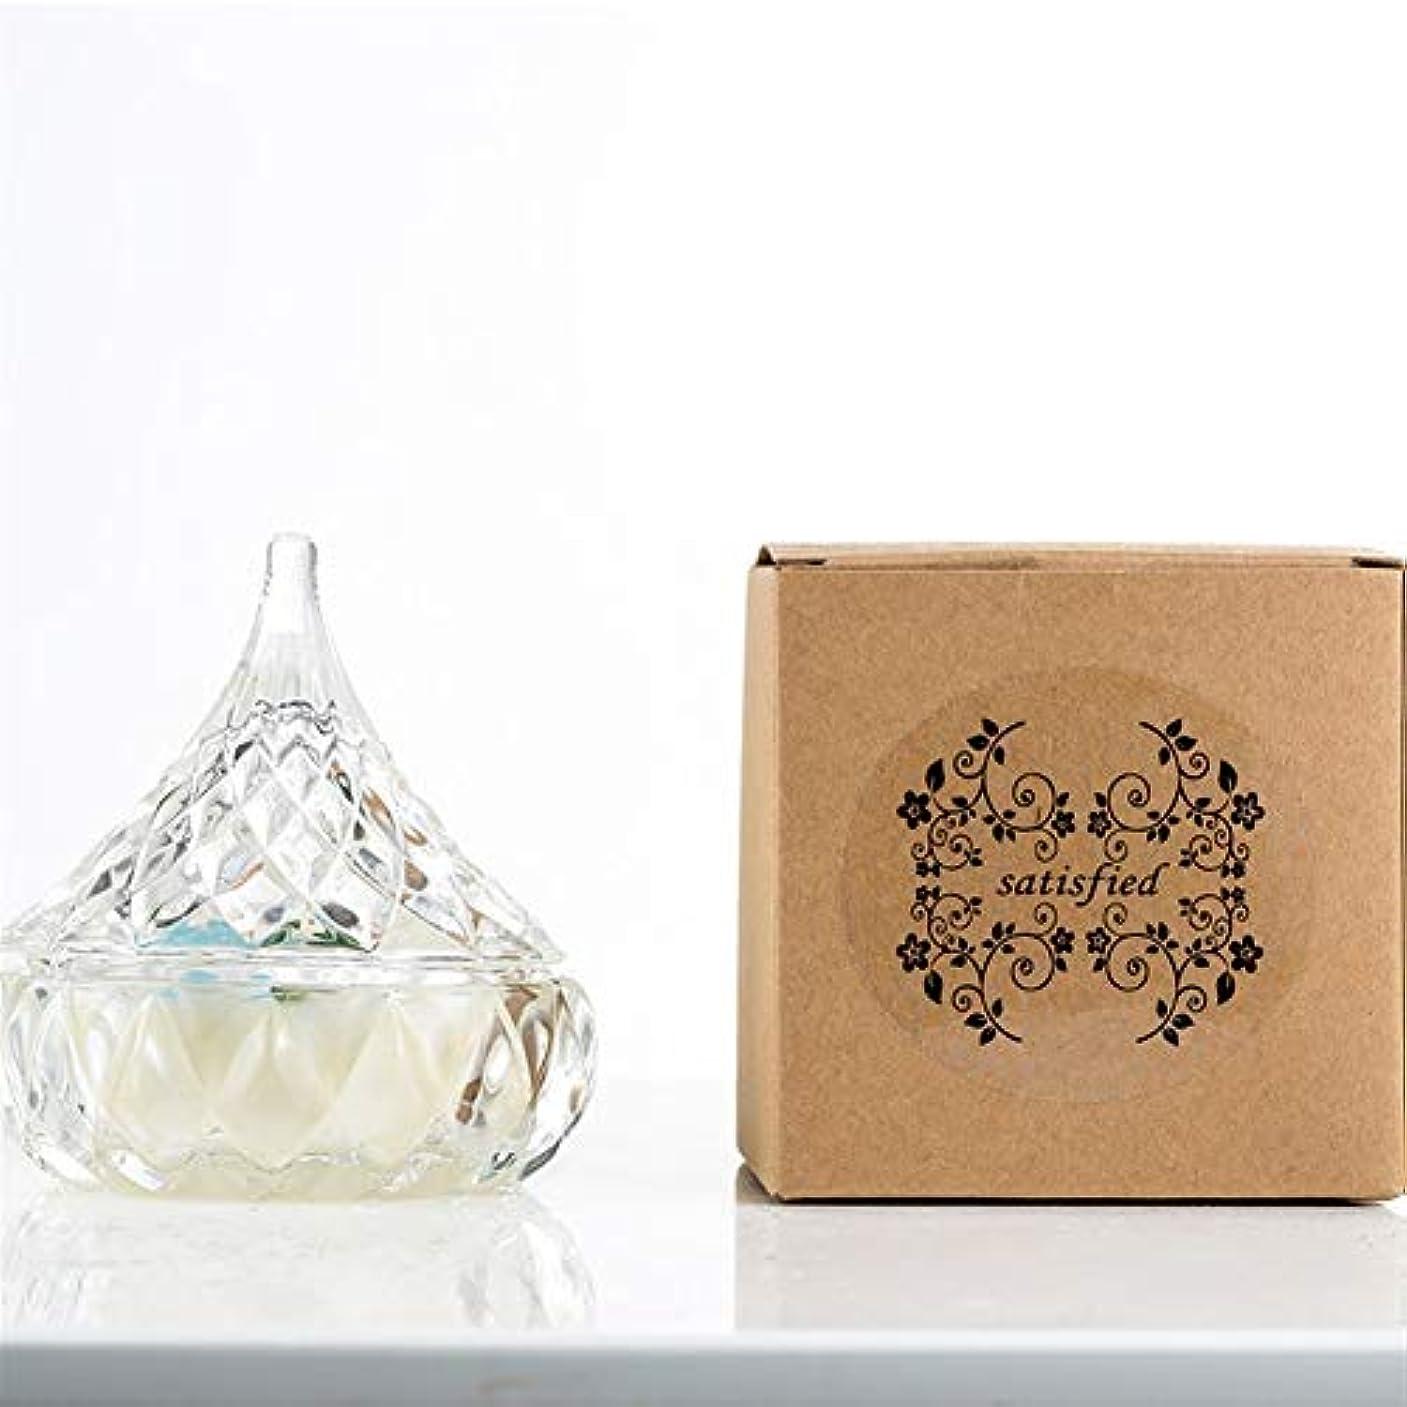 Guomao シンプルパオアロマセラピーエッセンシャルオイルラスティングフレグランス環境に優しい非毒性装飾用品キャンドル (色 : Lavender)